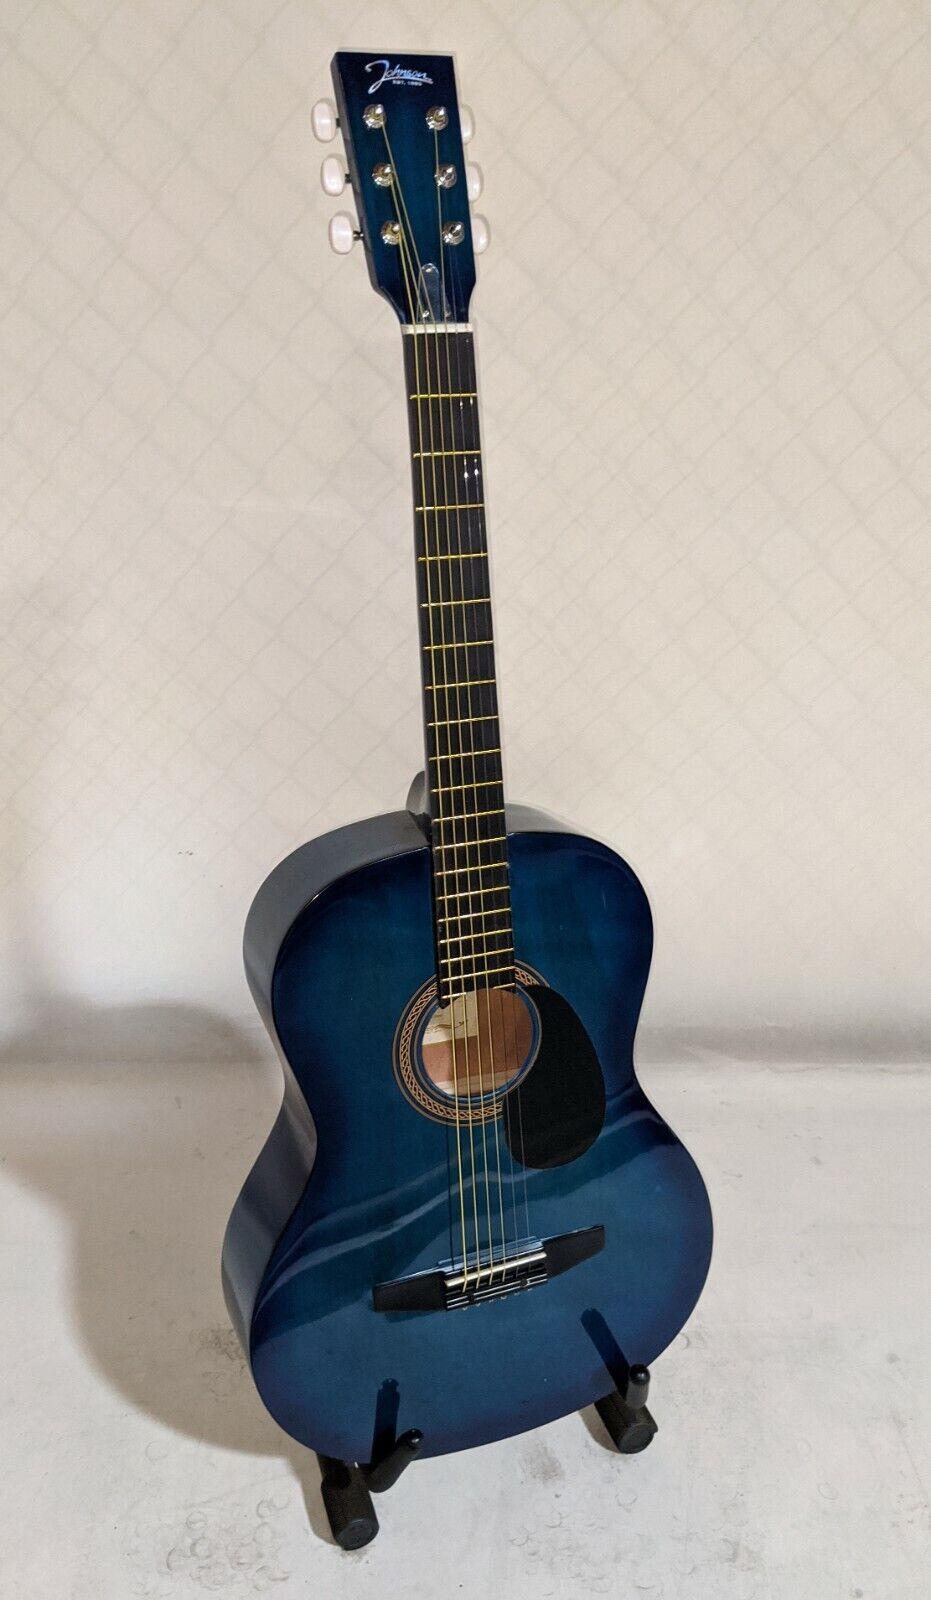 s l1600 - Johnson JG-100-BL Student Acoustic Guitar, Blue